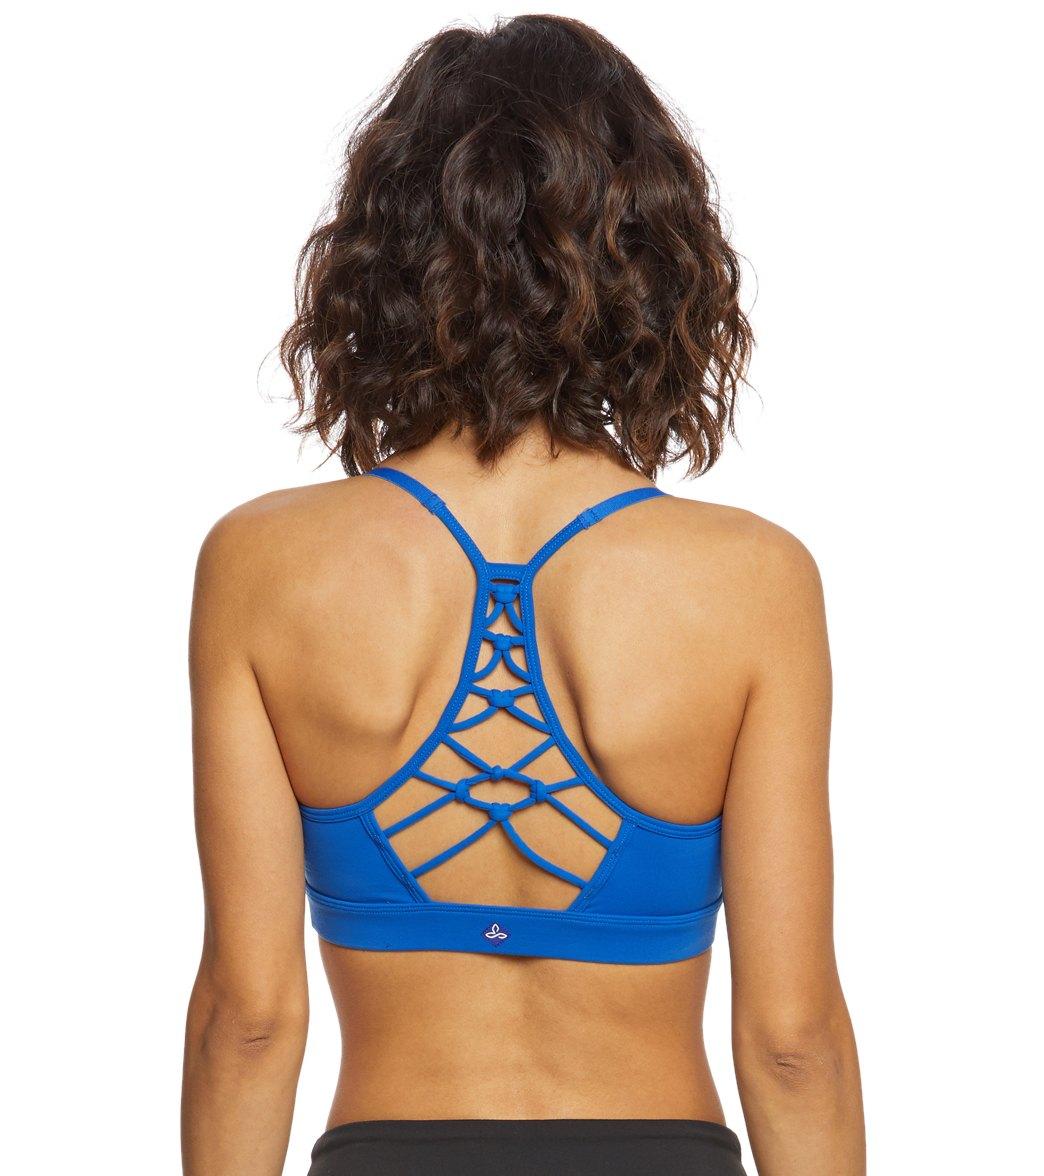 a05edc3f36893 Prana Elixir Yoga Sports Bra at YogaOutlet.com